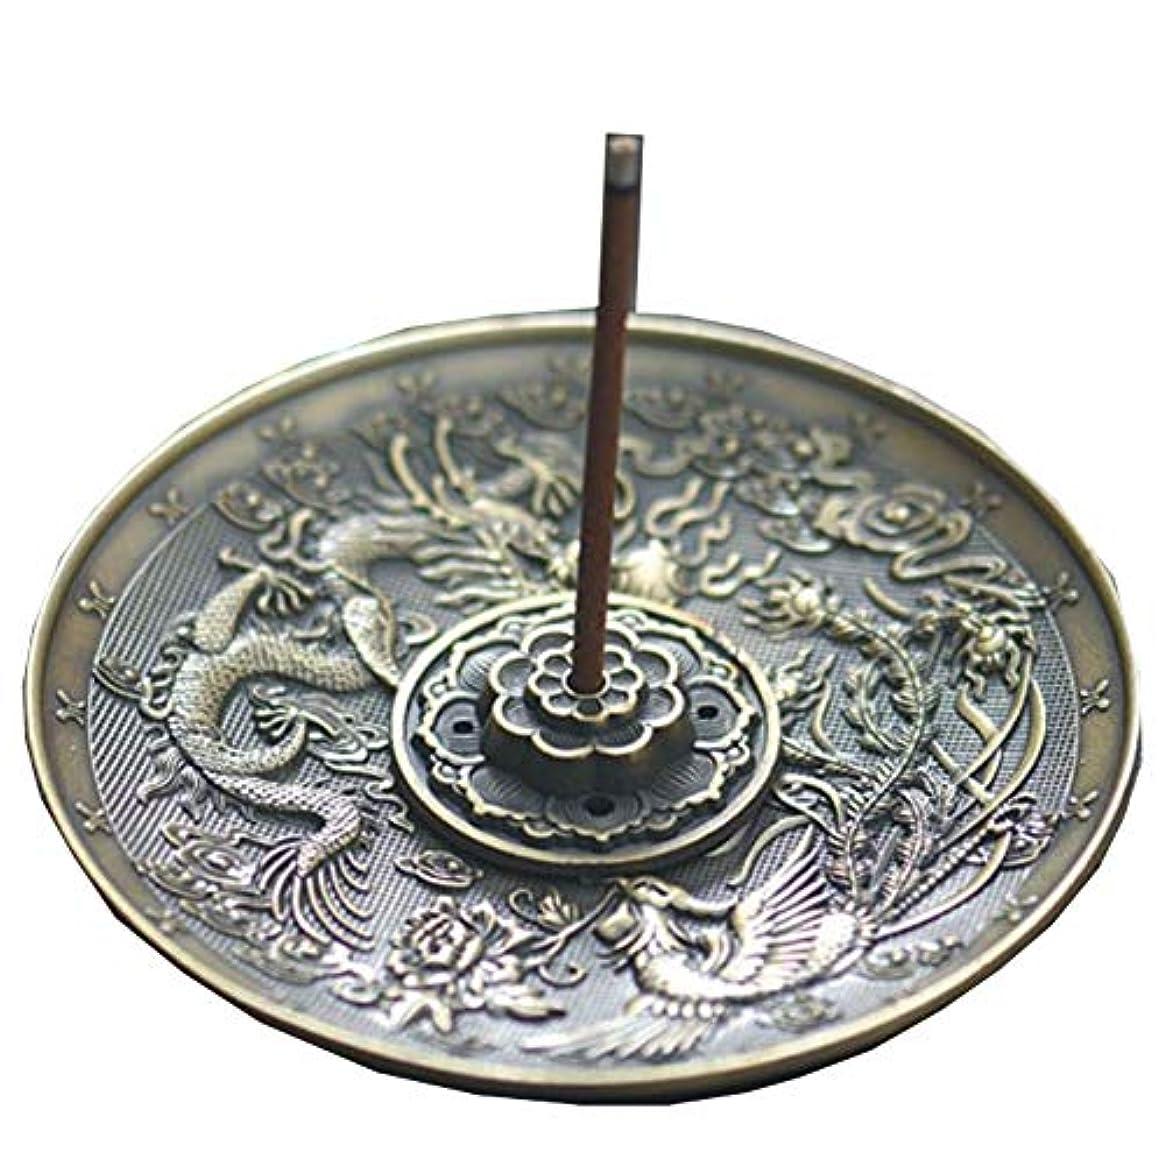 出撃者クレデンシャル仲間、同僚[RADISSY] お香立て 香炉 香皿 スティック 円錐 タイプ お香 スタンド 龍のデザイン (青銅色5穴)